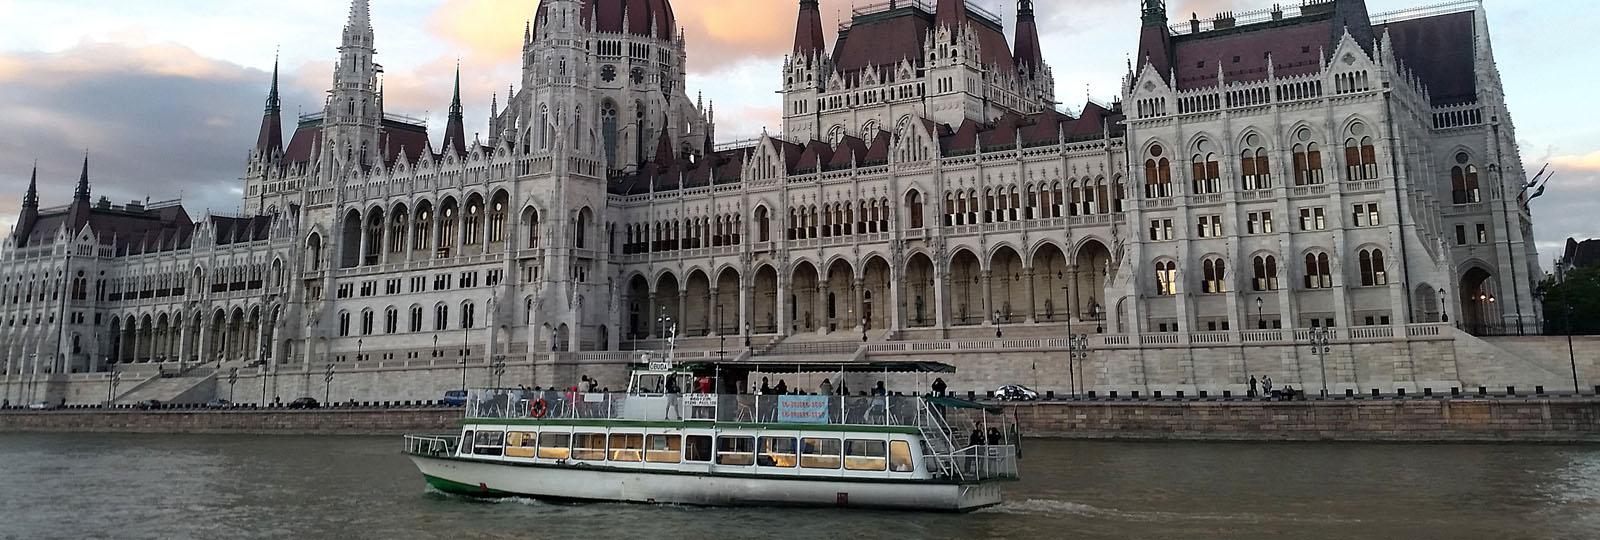 Оздоровительный и экскурсионный туризм в Венгрии от ANEX Tour